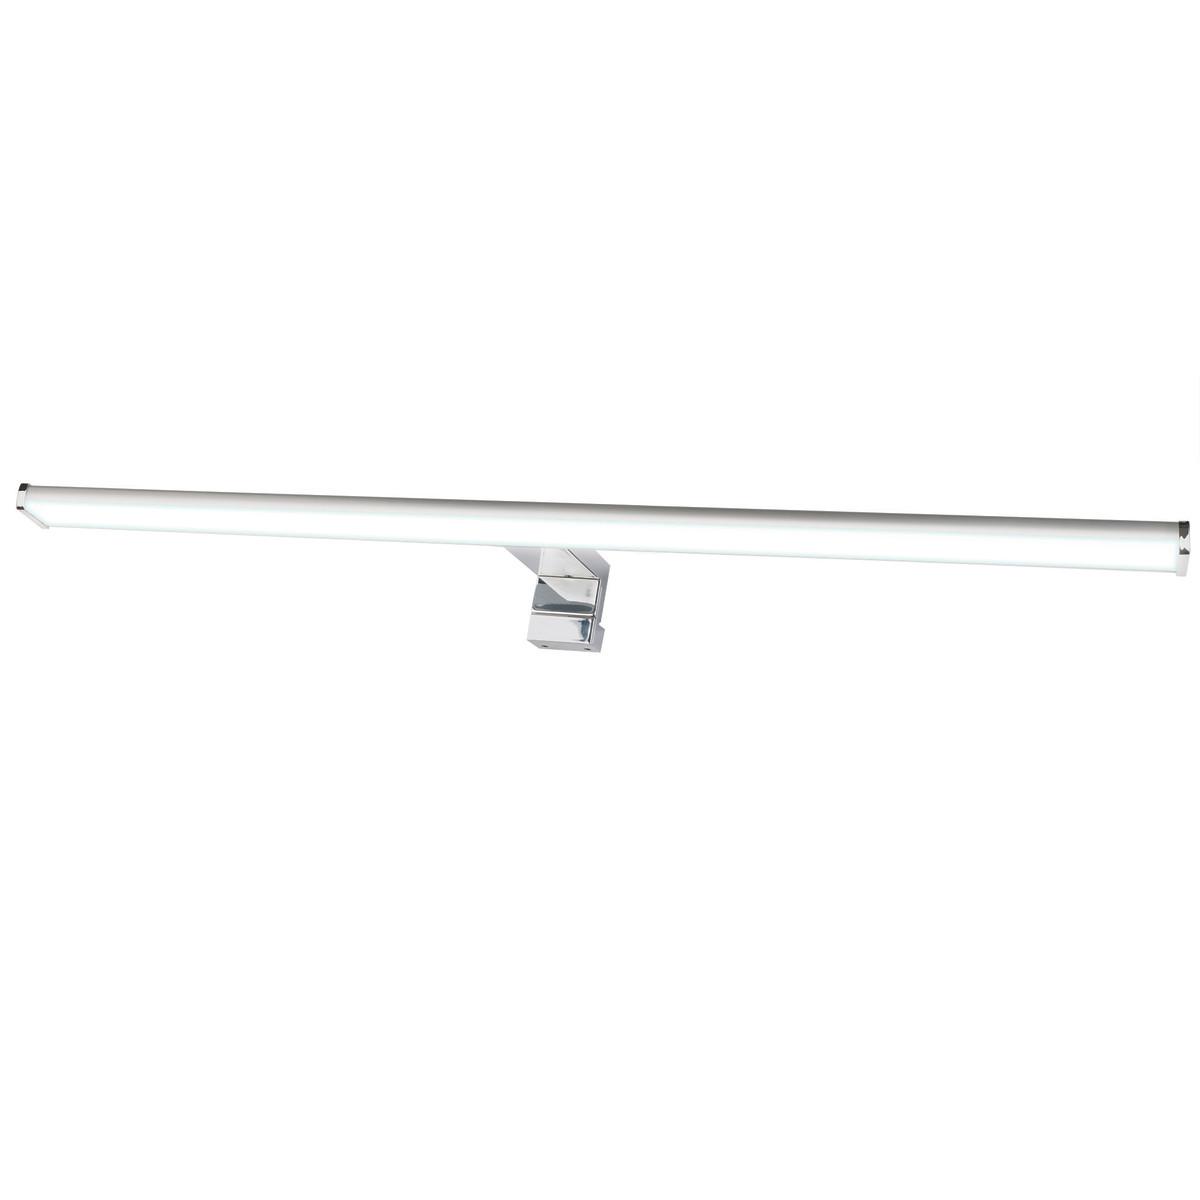 Подсветка светодиодная для зеркала в ванную комнату Uniel IP44 холодный белый свет цвет серебро